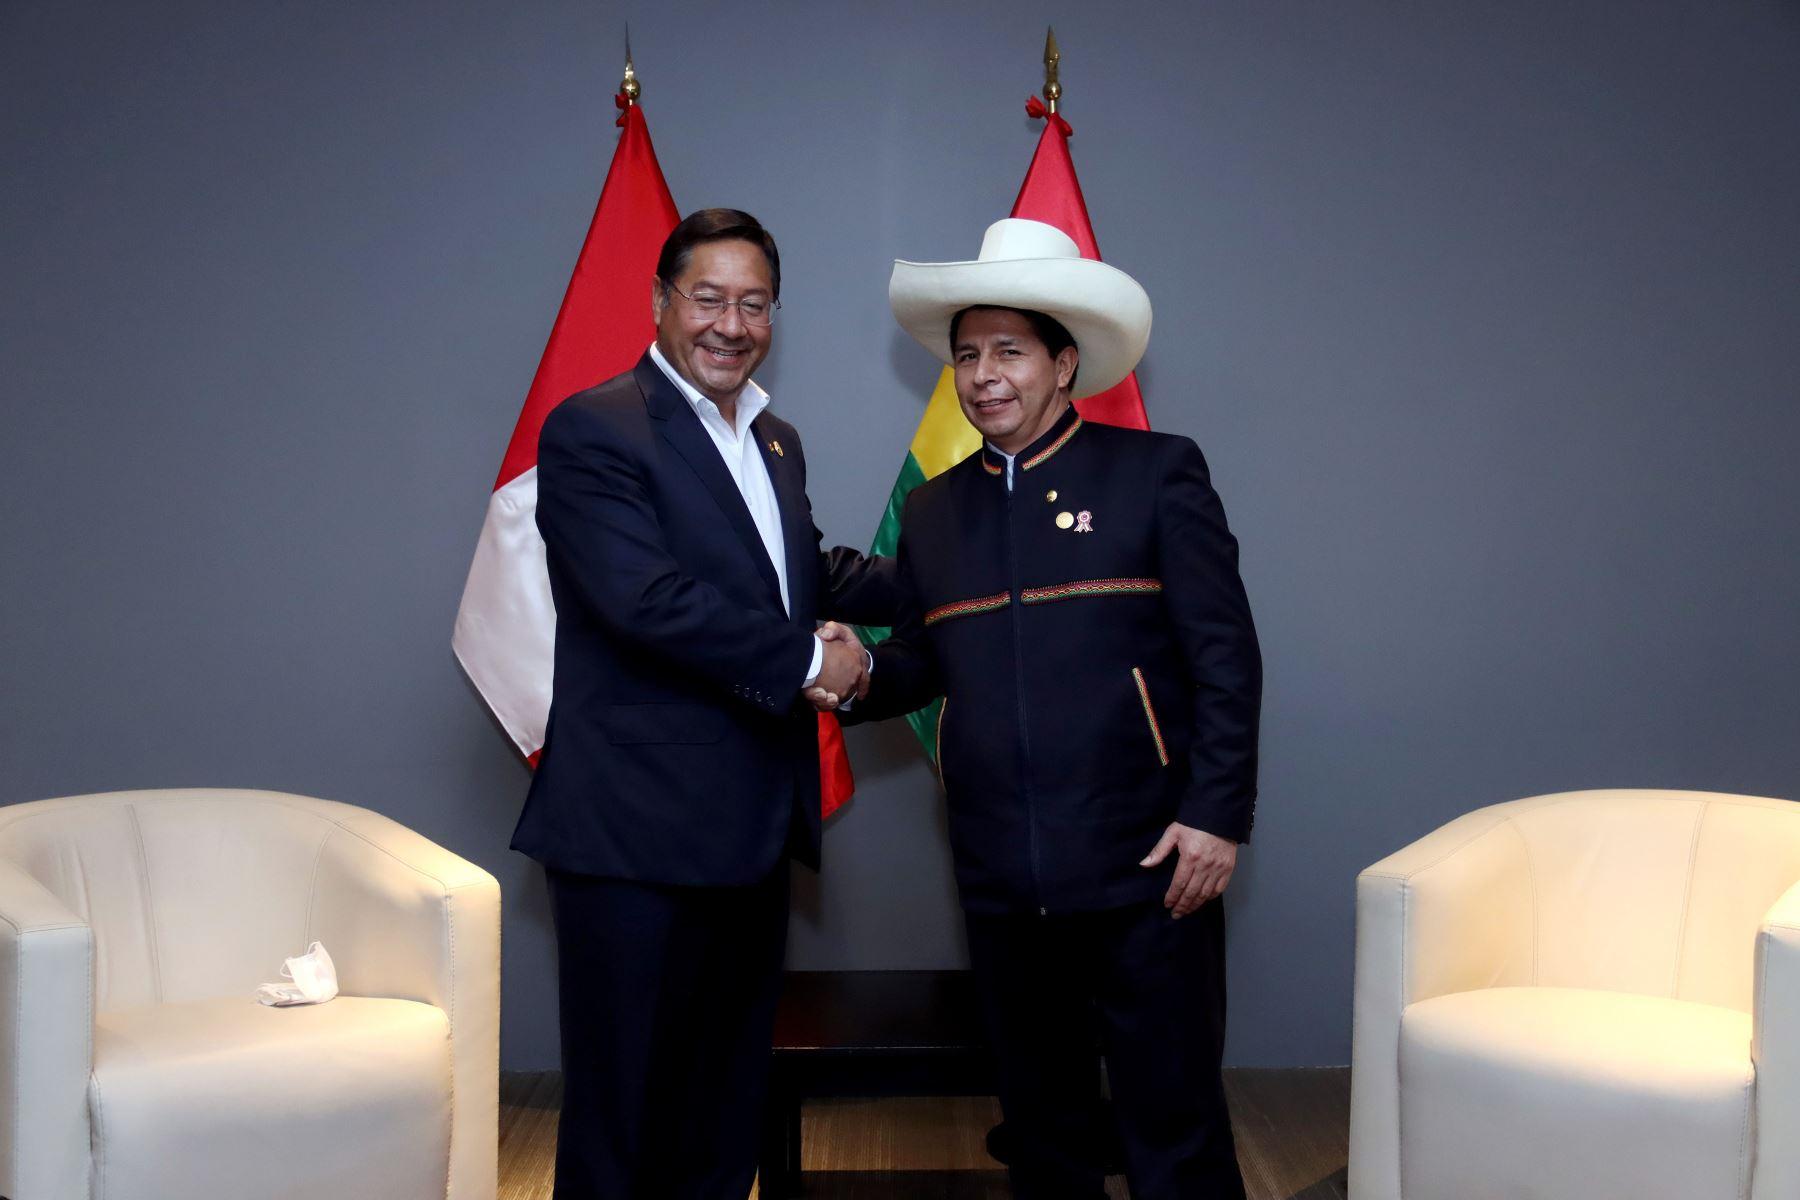 El presidente de la República, Pedro Castillo, sostuvo una reunión protocolar con su similar de Bolivia, Luis Arce Catacora Foto: ANDINA/Prensa Presidencia